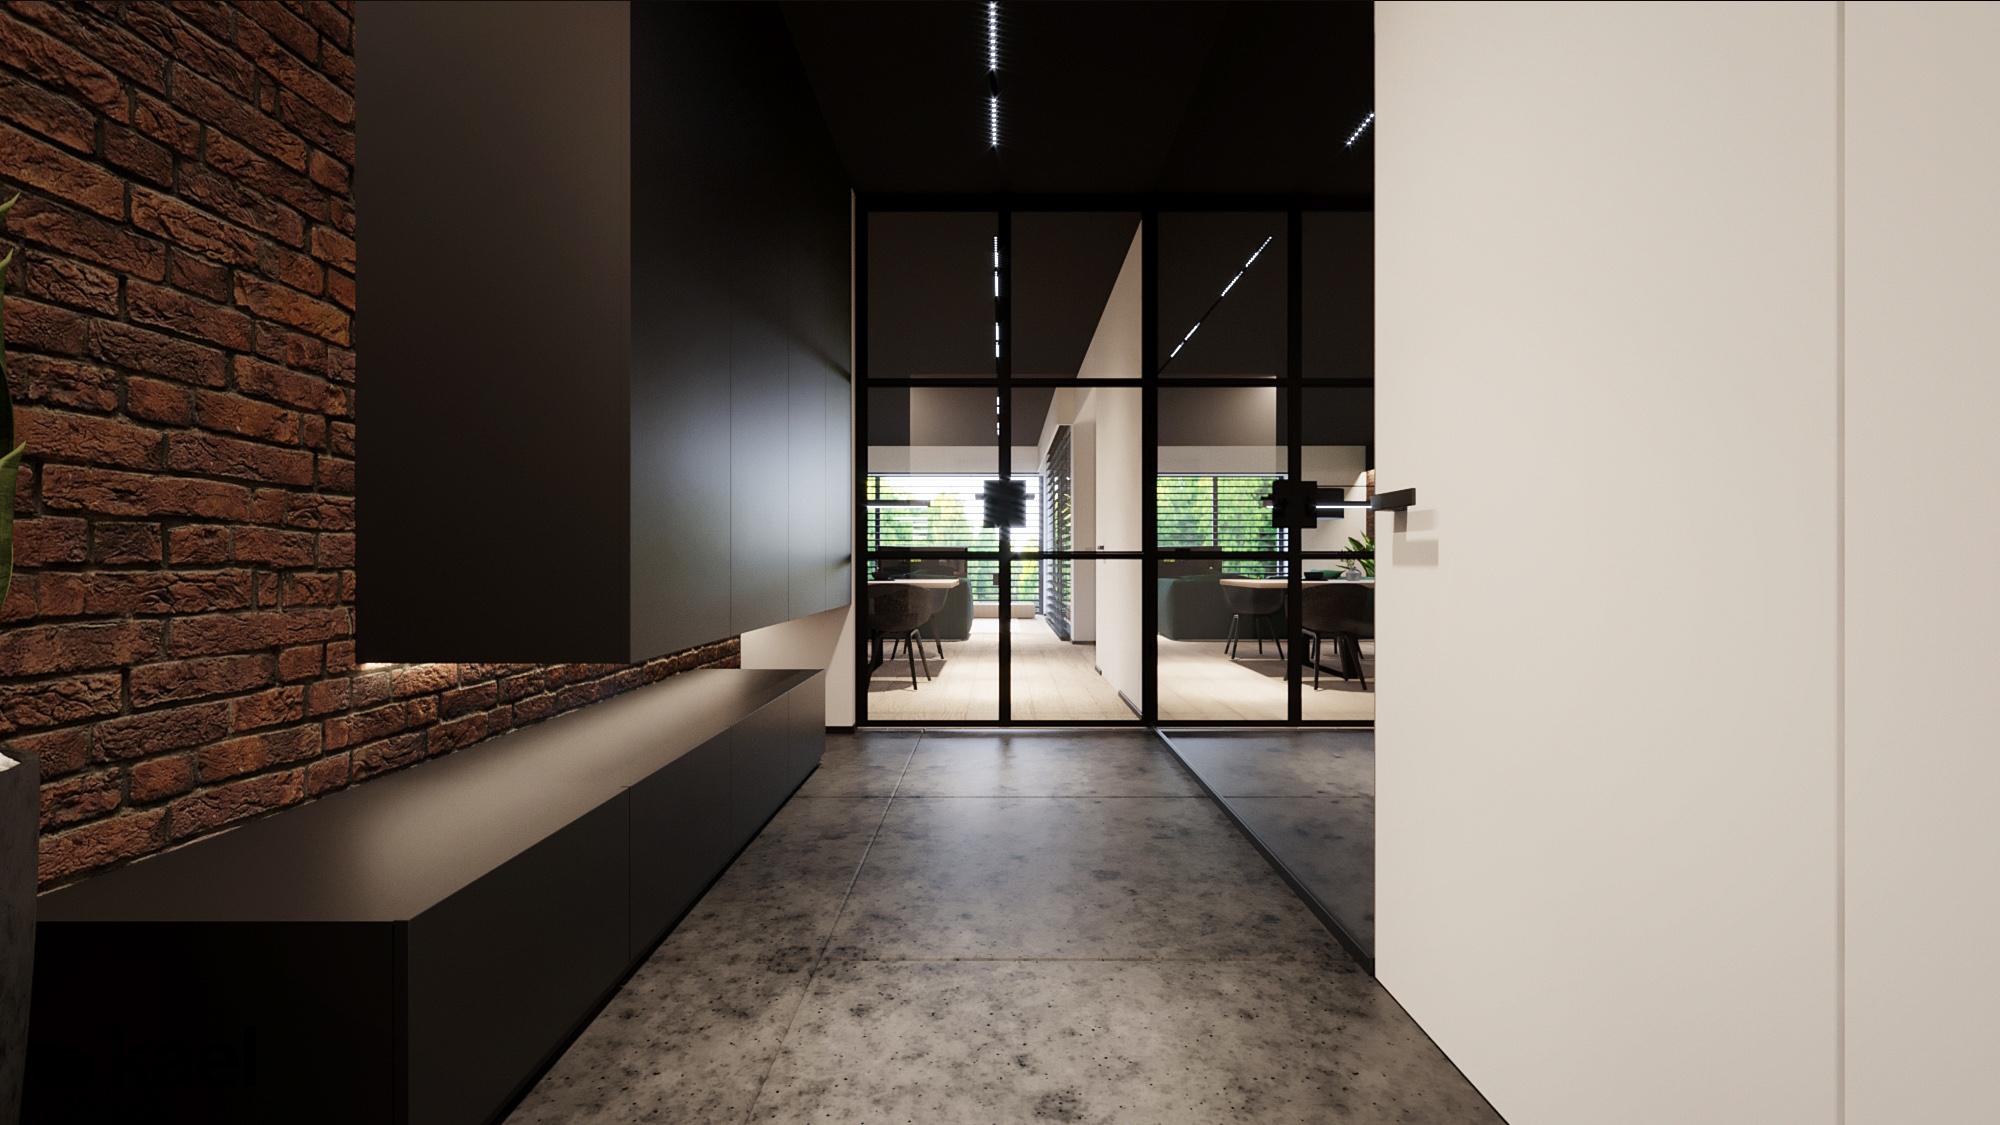 Hol - Czumy II - projekt wnętrza domu w zabudowie szeregowej - Kael